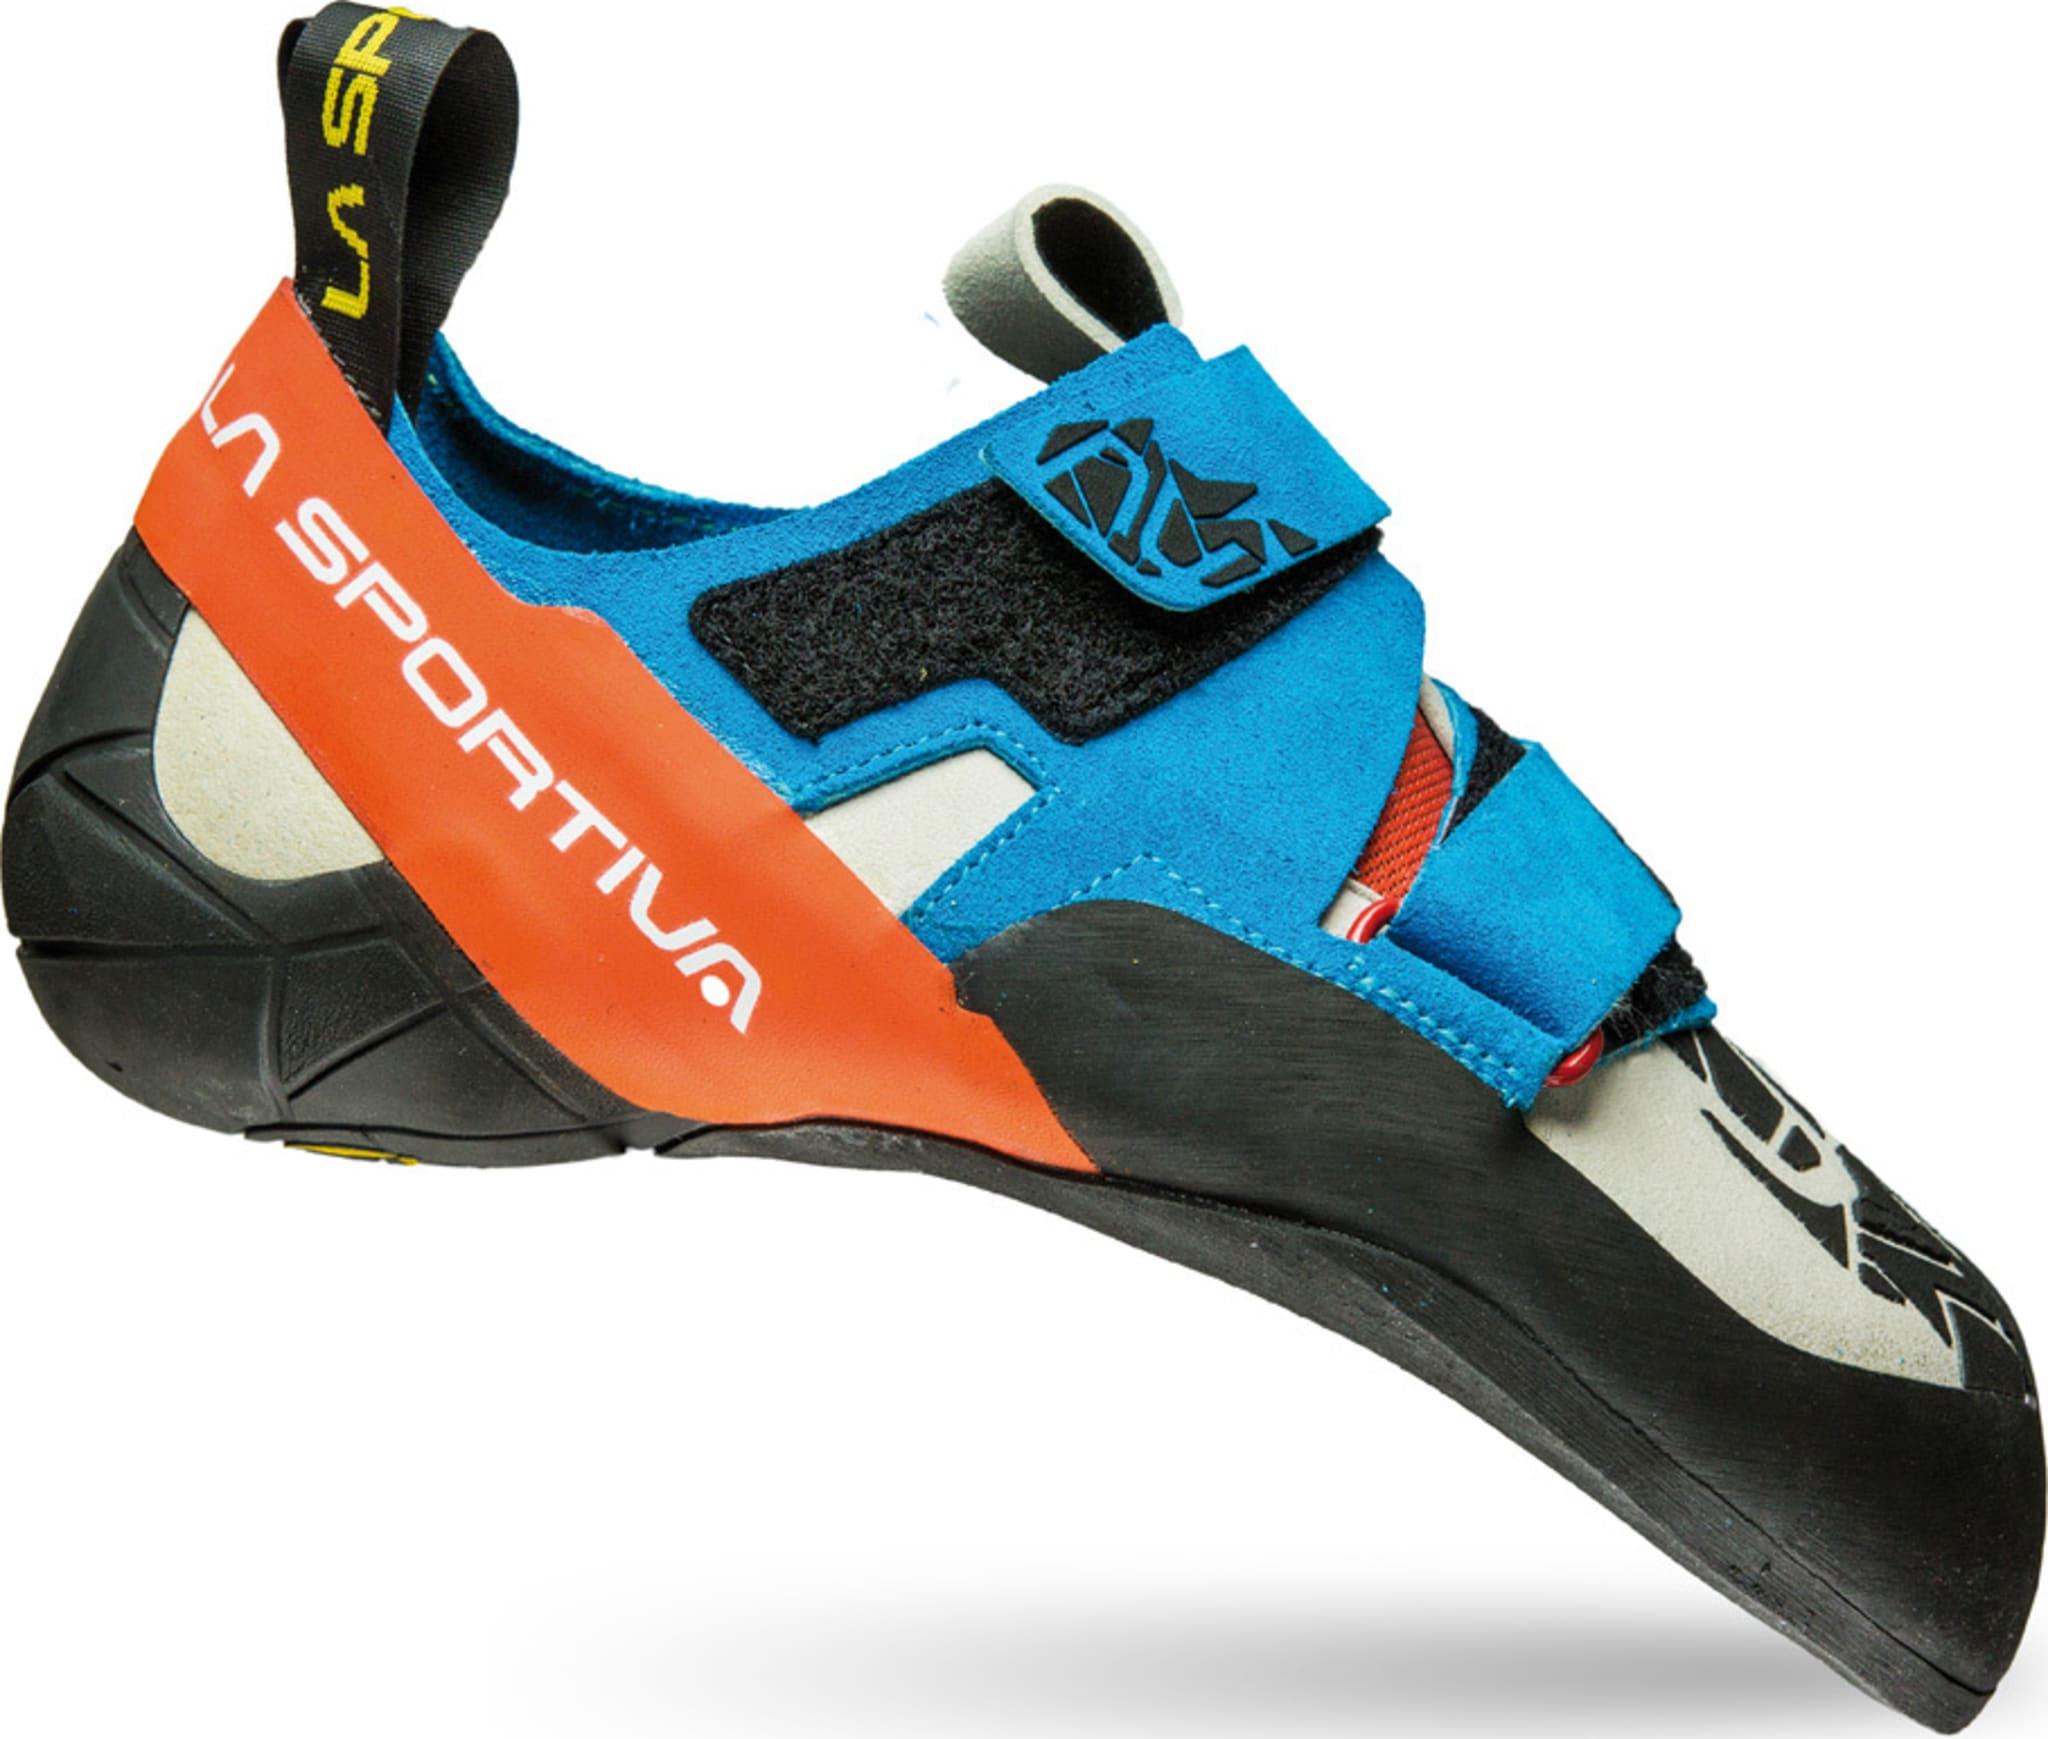 Meget presis klatresko for sportsklatring og buldring!